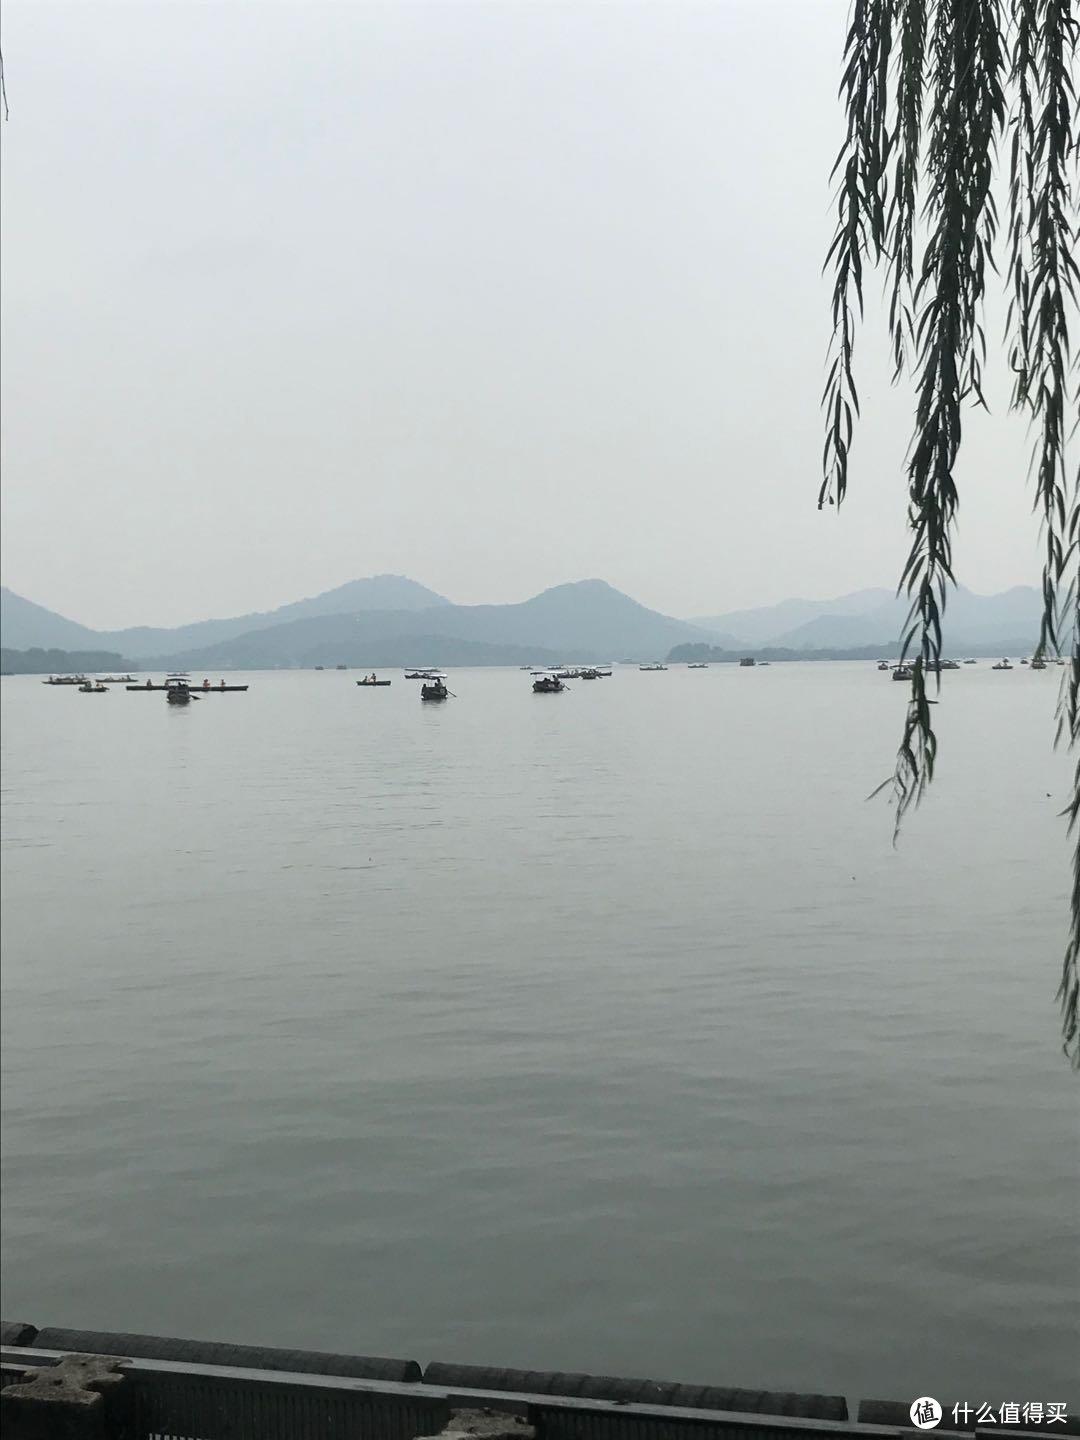 周末游玩----杭州西湖半日游